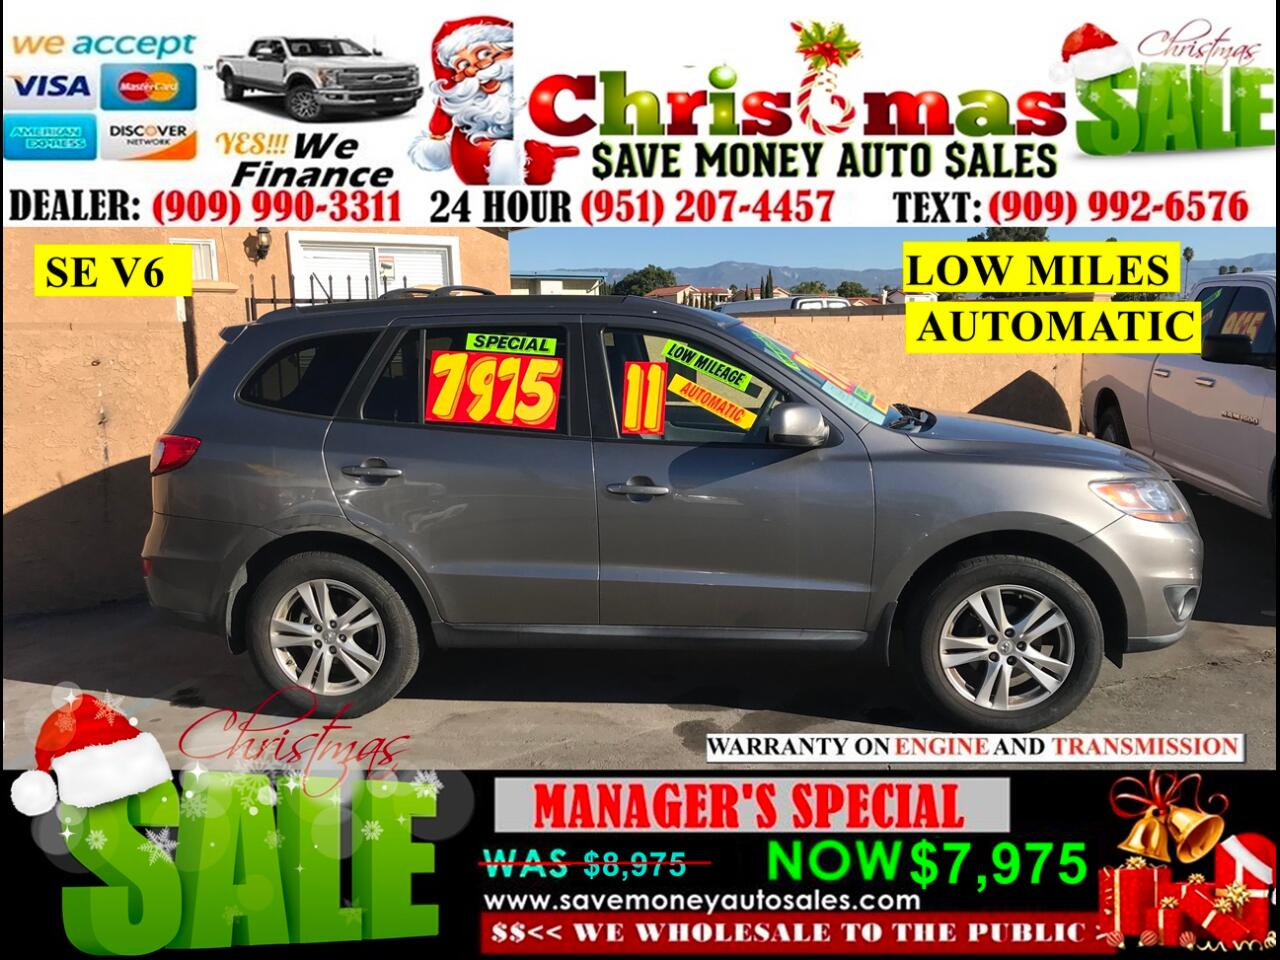 2011 Hyundai Santa Fe SE 3.5 FWD > LOW MILES